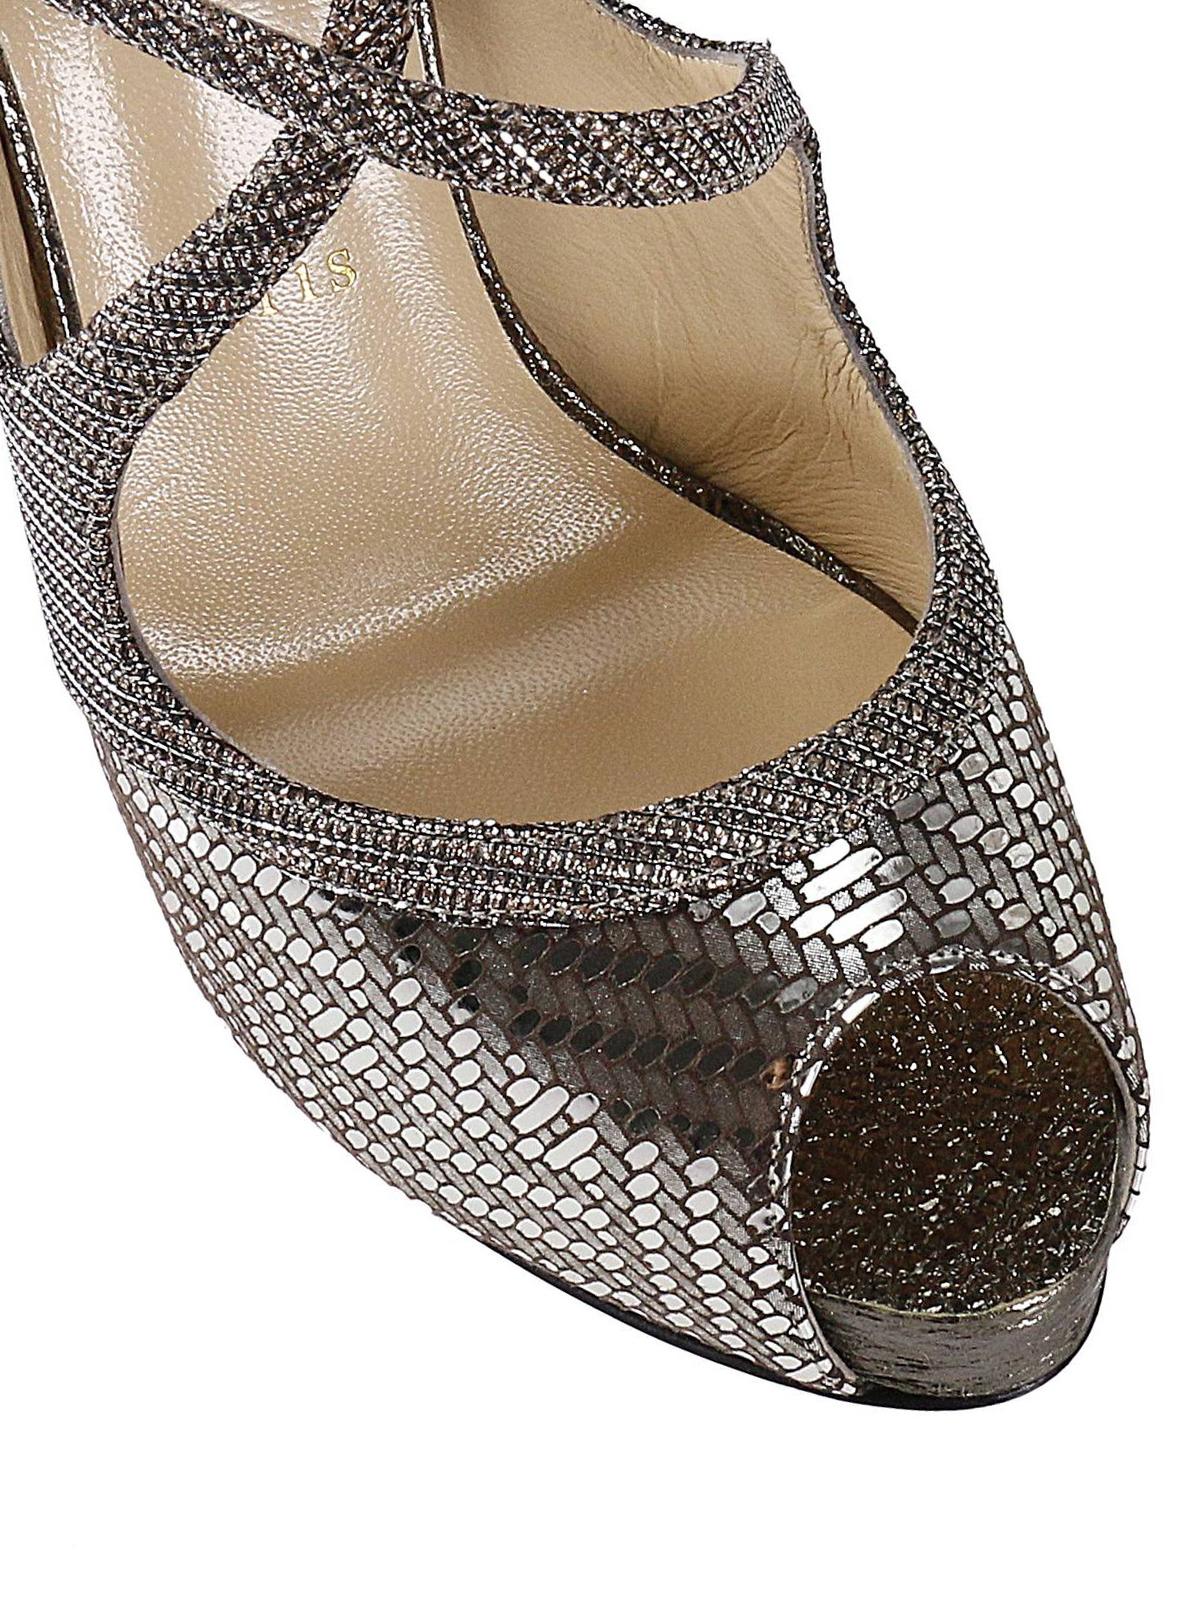 online retailer e0d85 be0b7 Christian Louboutin - Mira Bella platform sandals - sandals ...